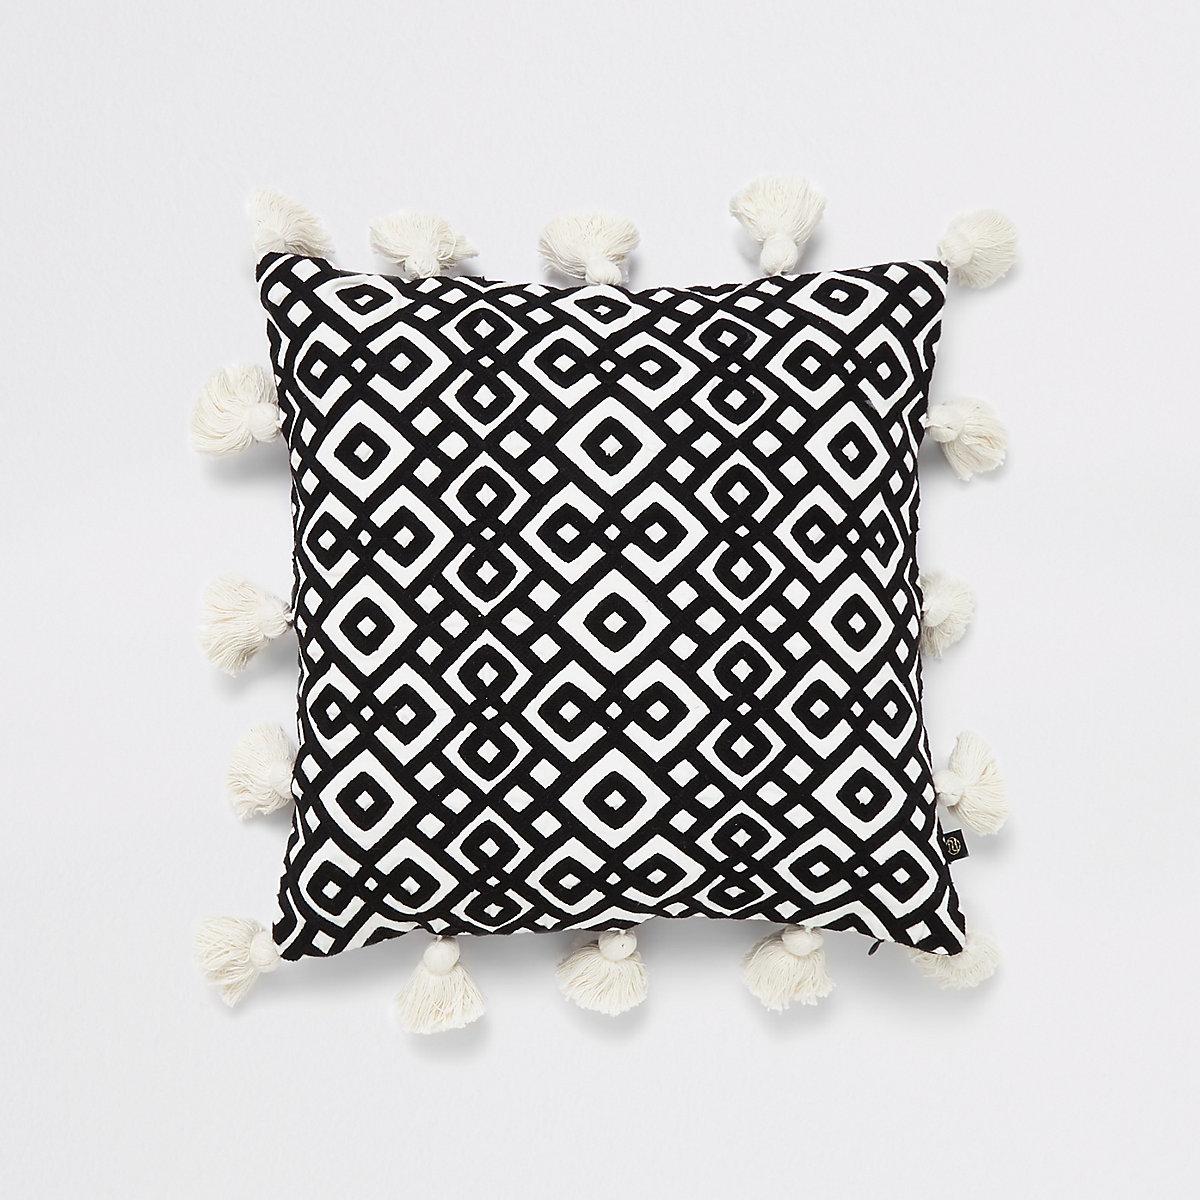 Black diamond embroidery tassel cushion